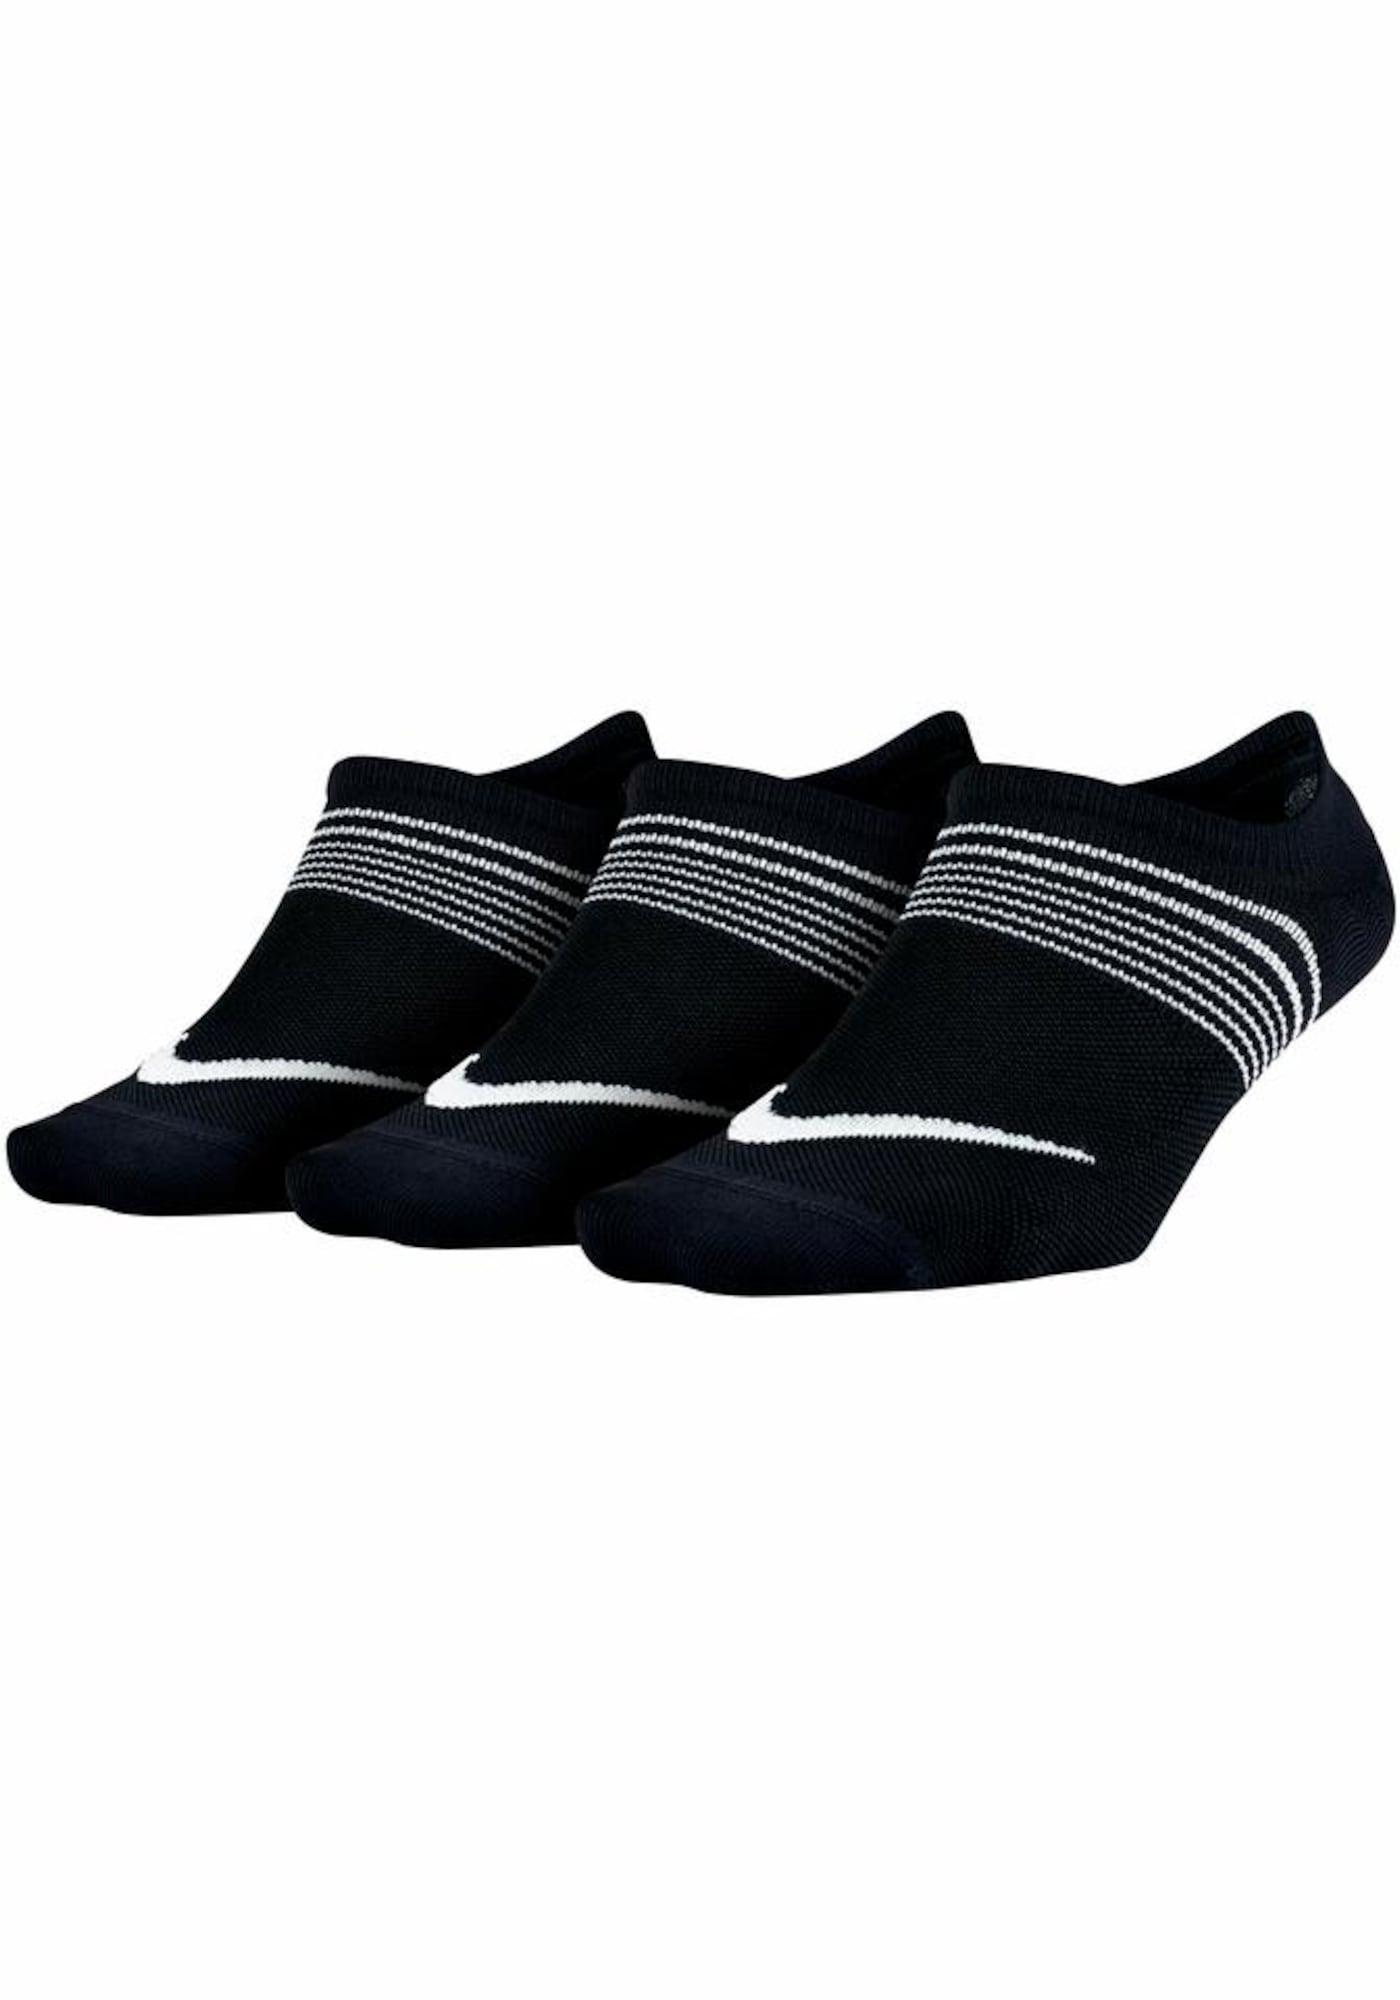 NIKE Sportinės kojinės juoda / balta